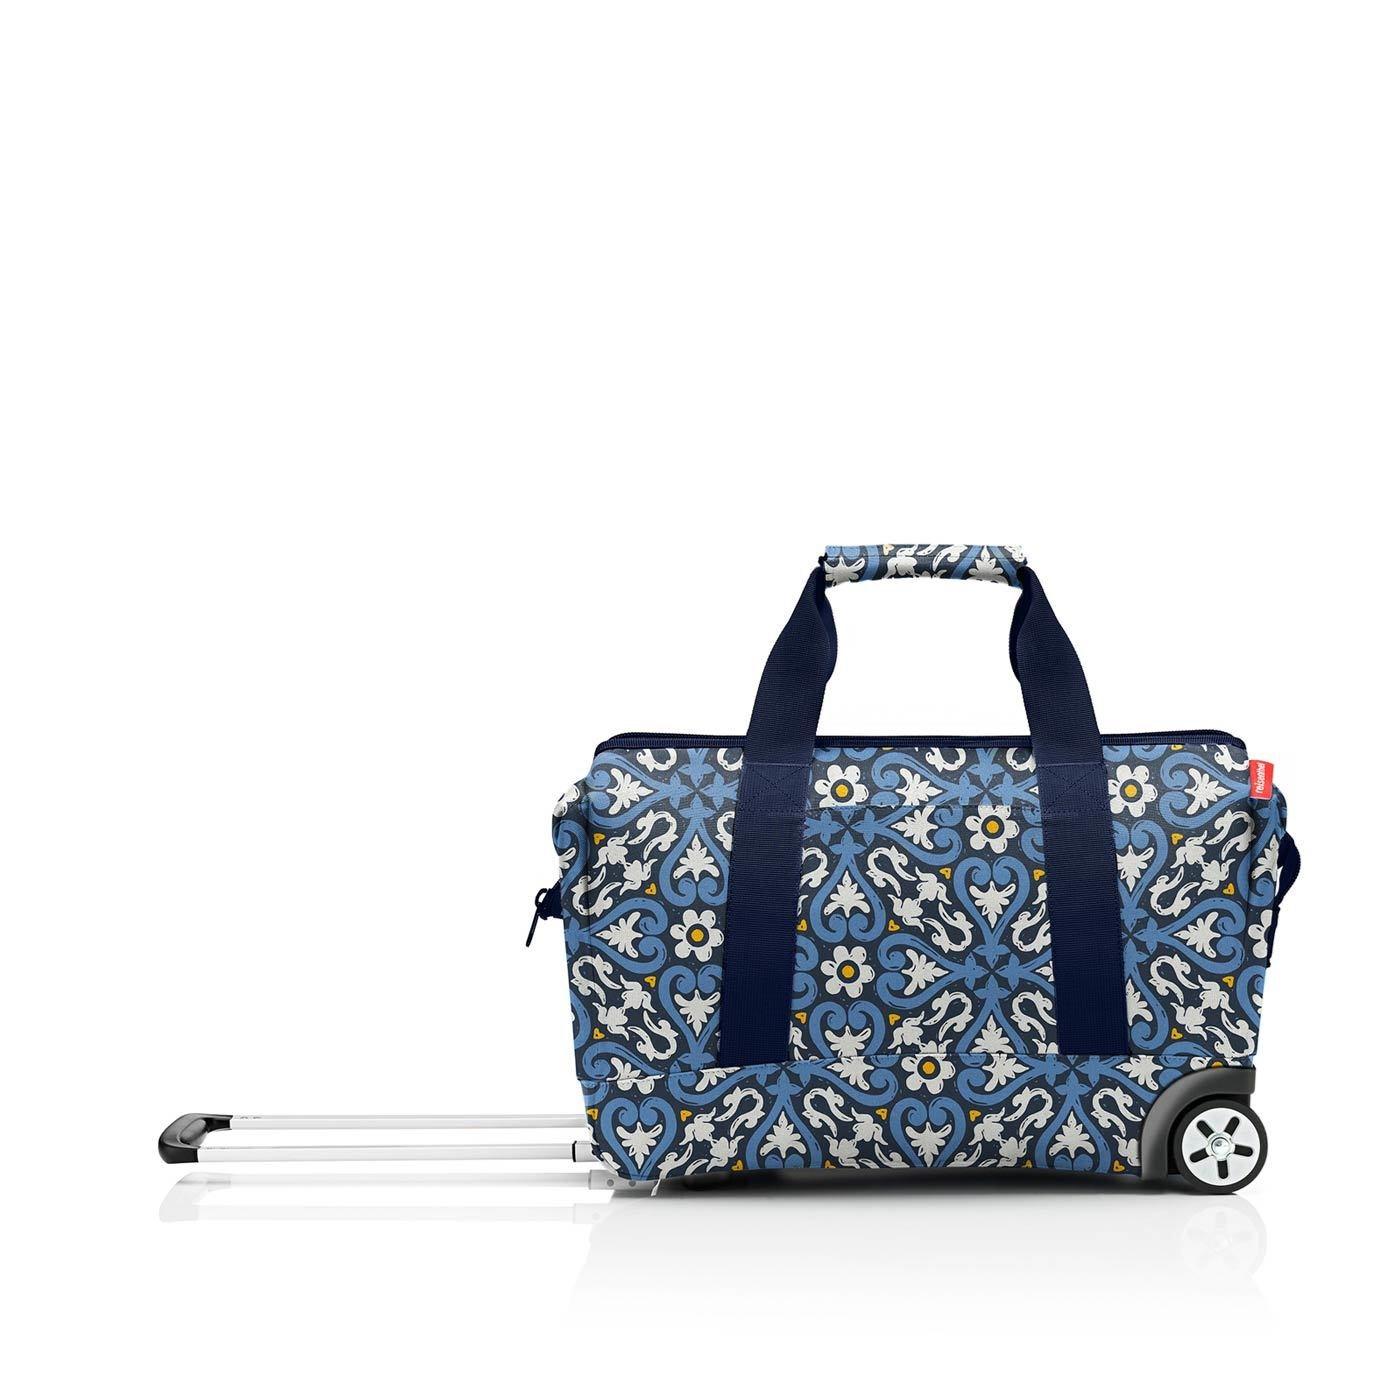 Cestovní taška na kolečkách Allrounder trolley floral 1_0